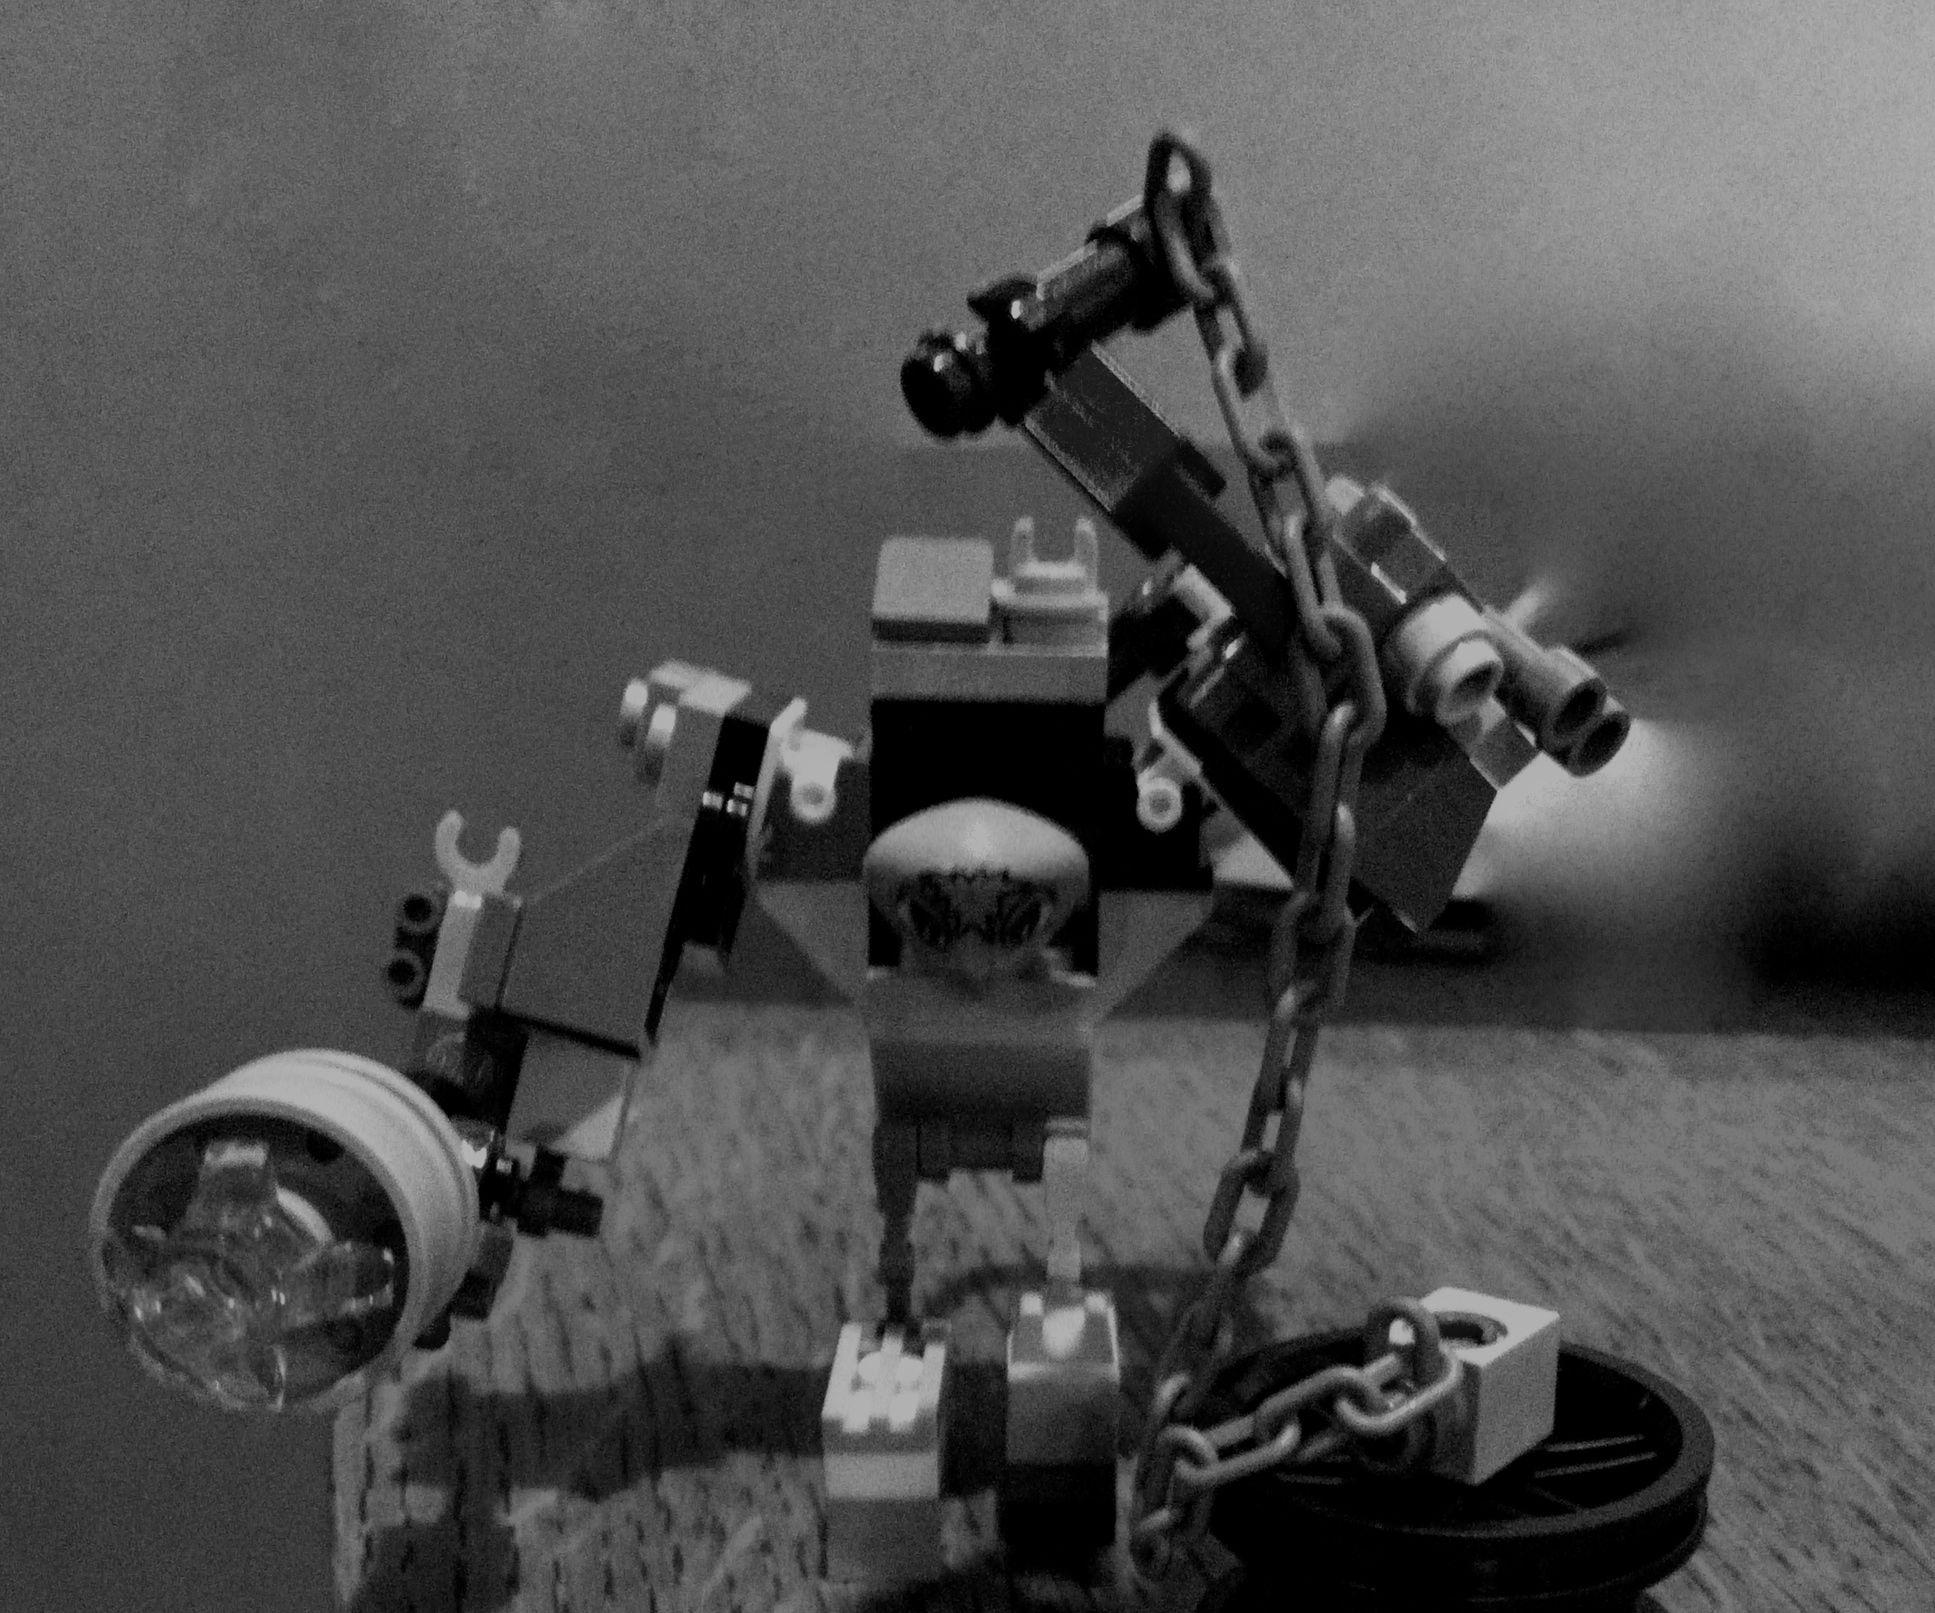 alien junk bot cyborg mech